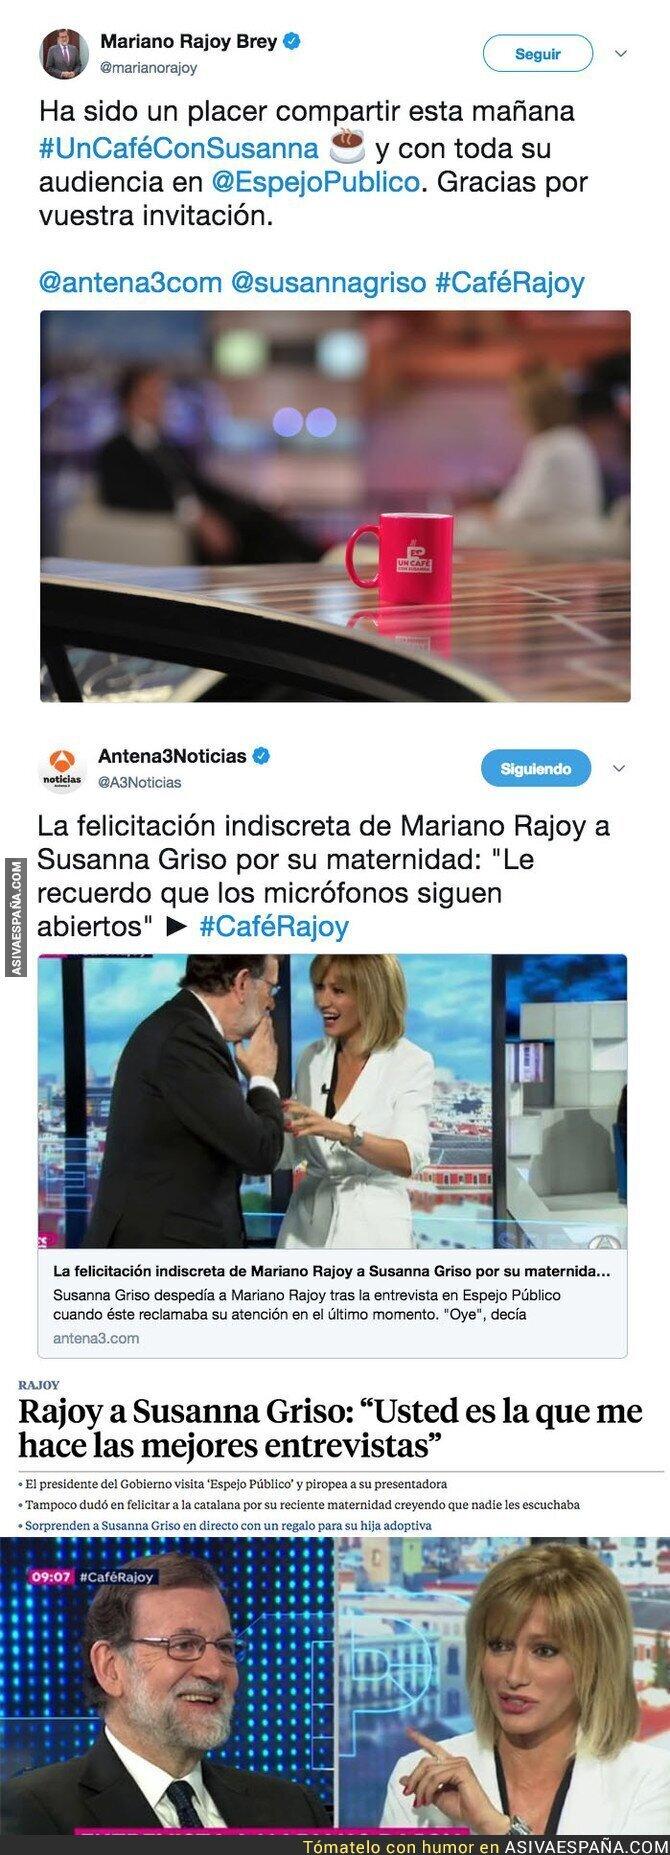 86635 - Los micros le juegan una mala pasada a Rajoy y se escucha lo que le dice en secreto a Susanna Griso en directo